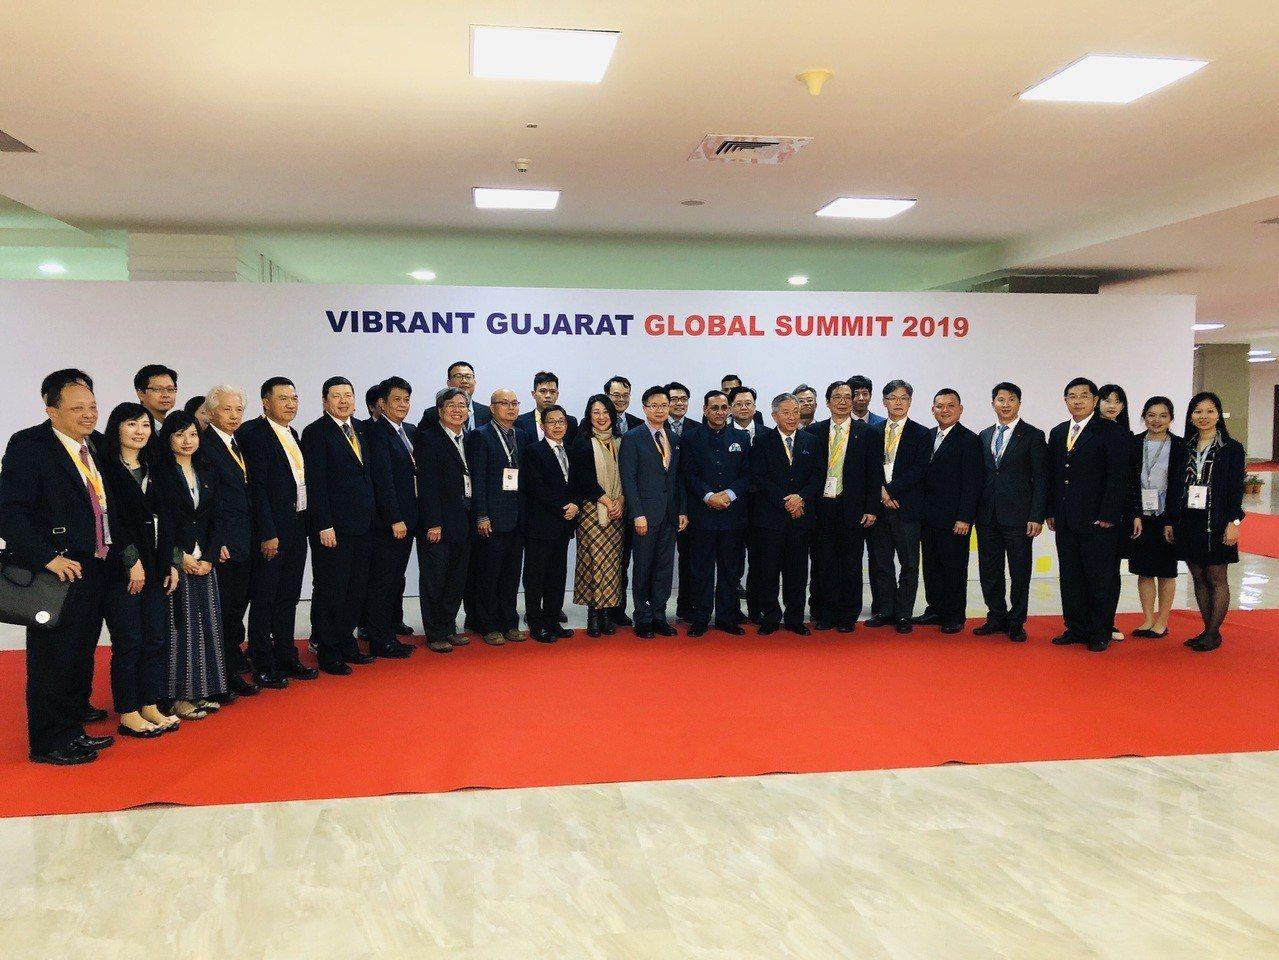 印度古吉拉特州州長Mr. Vijay Rupani與台灣投資團合影,包括智邦科技...